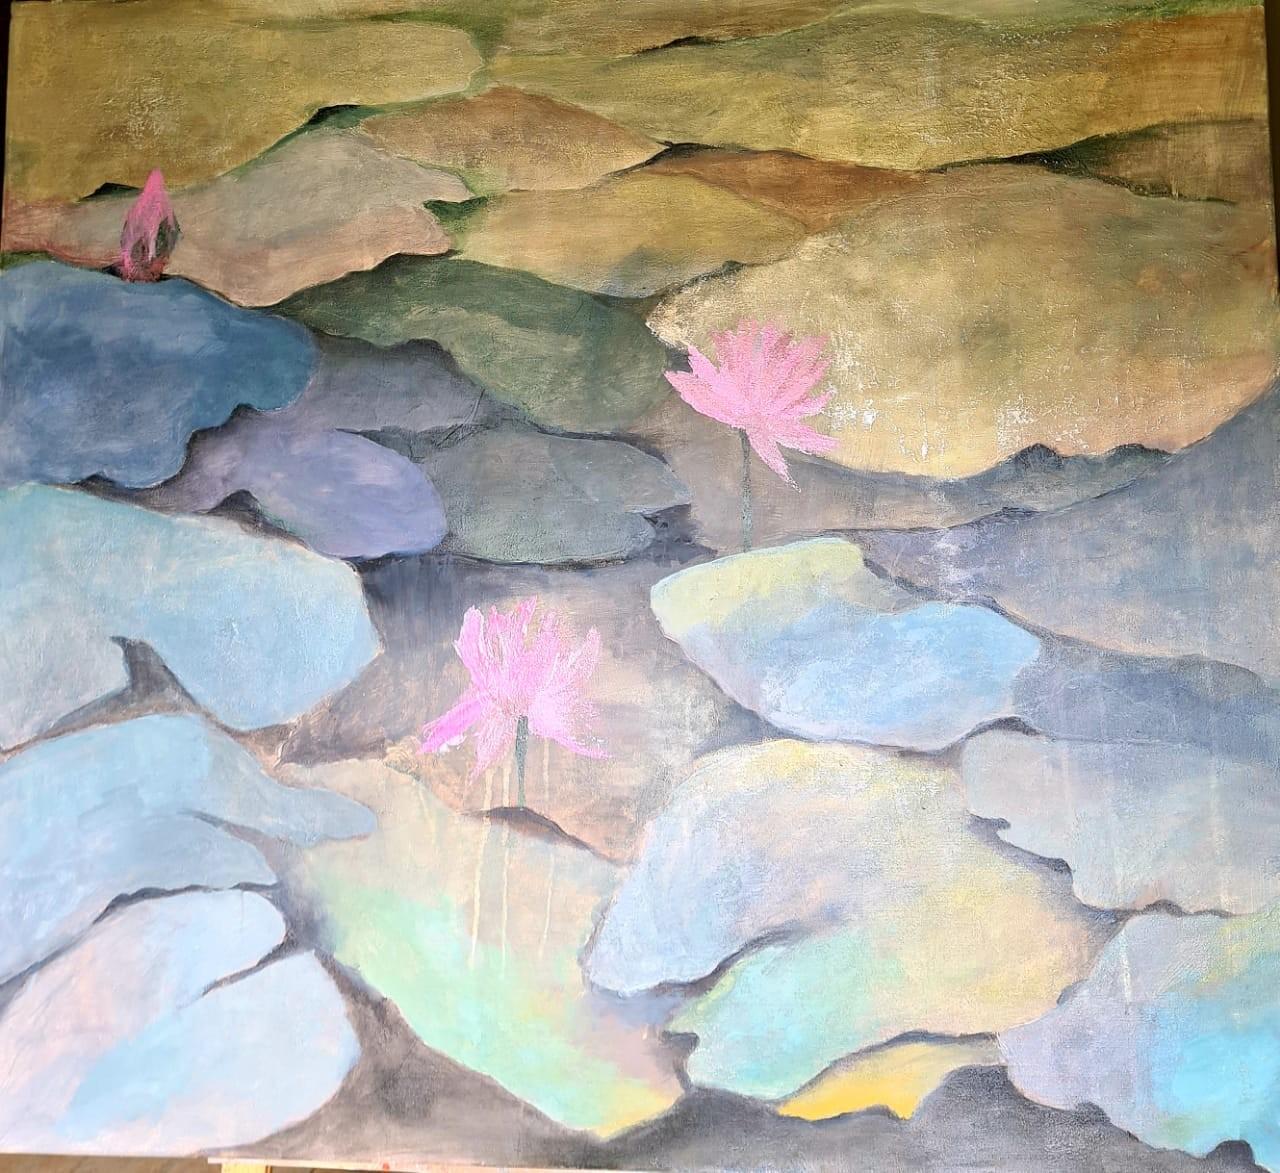 Lotus splendour 5 by Jean wijesekera